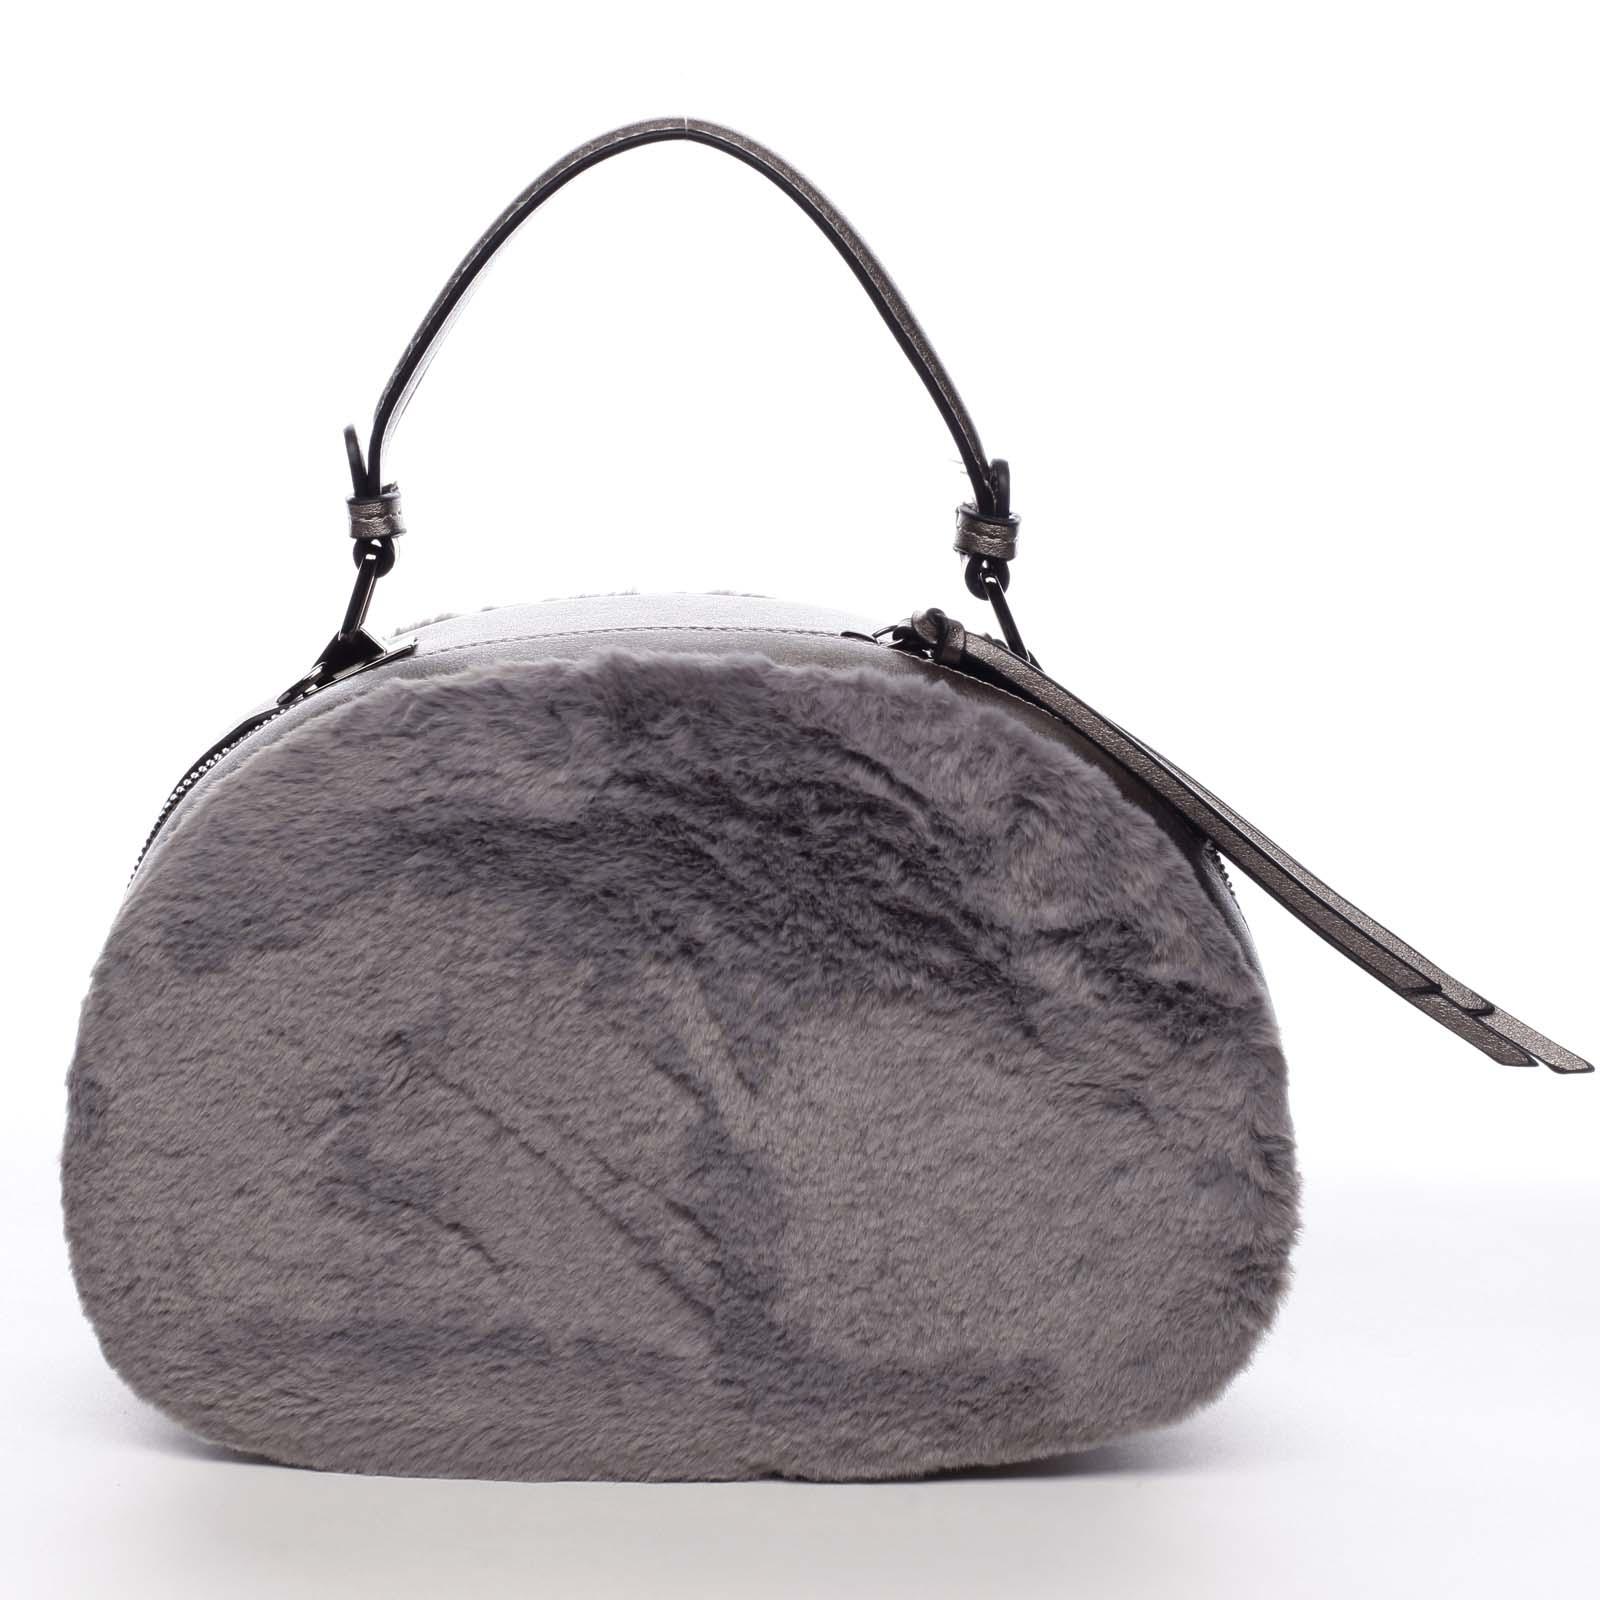 Dámská kožešinová kabelka šedá - MARIA C Hasiel